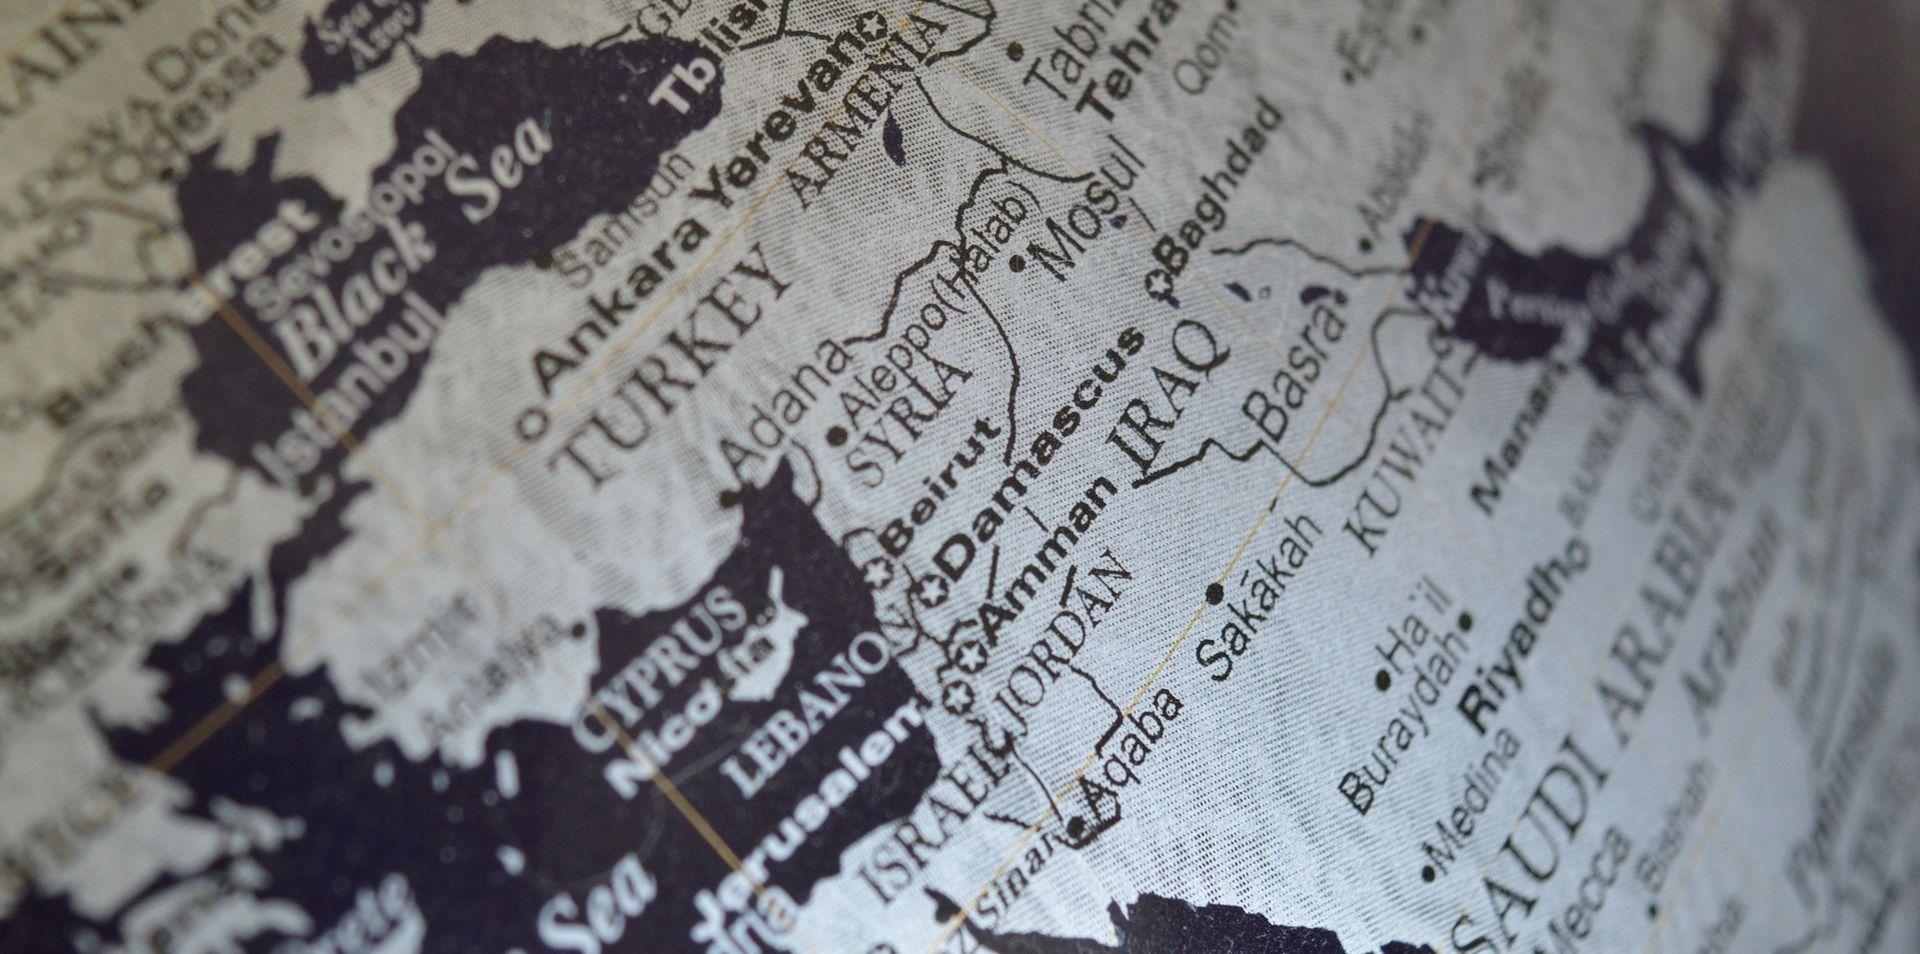 IRAČKA HUMANITARNA KRIZA Pronađeno više od 50 masovnih grobnica